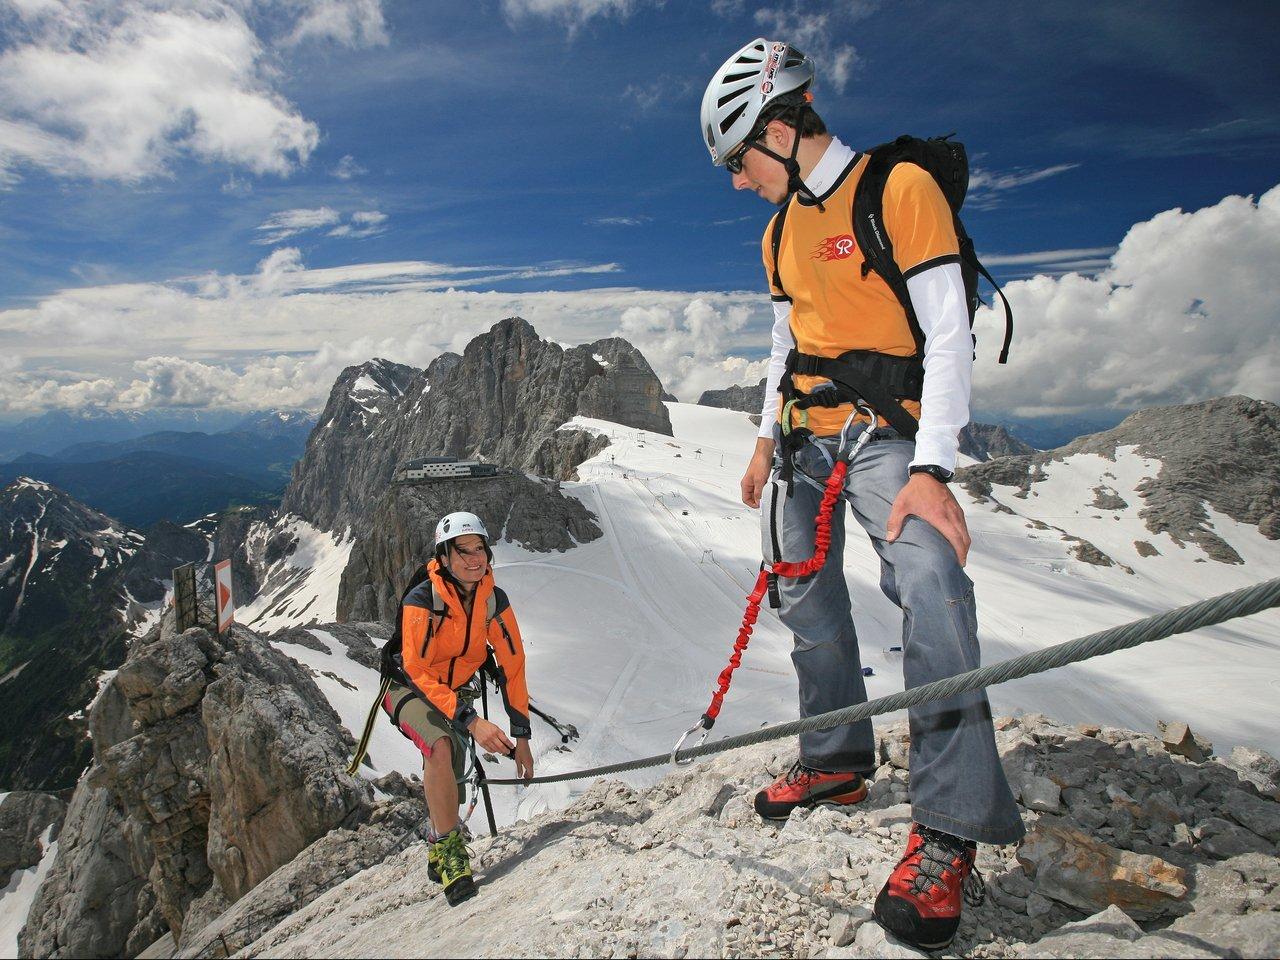 Klettersteig Ramsau : Klettersteige in der ramsau sommer zimmer